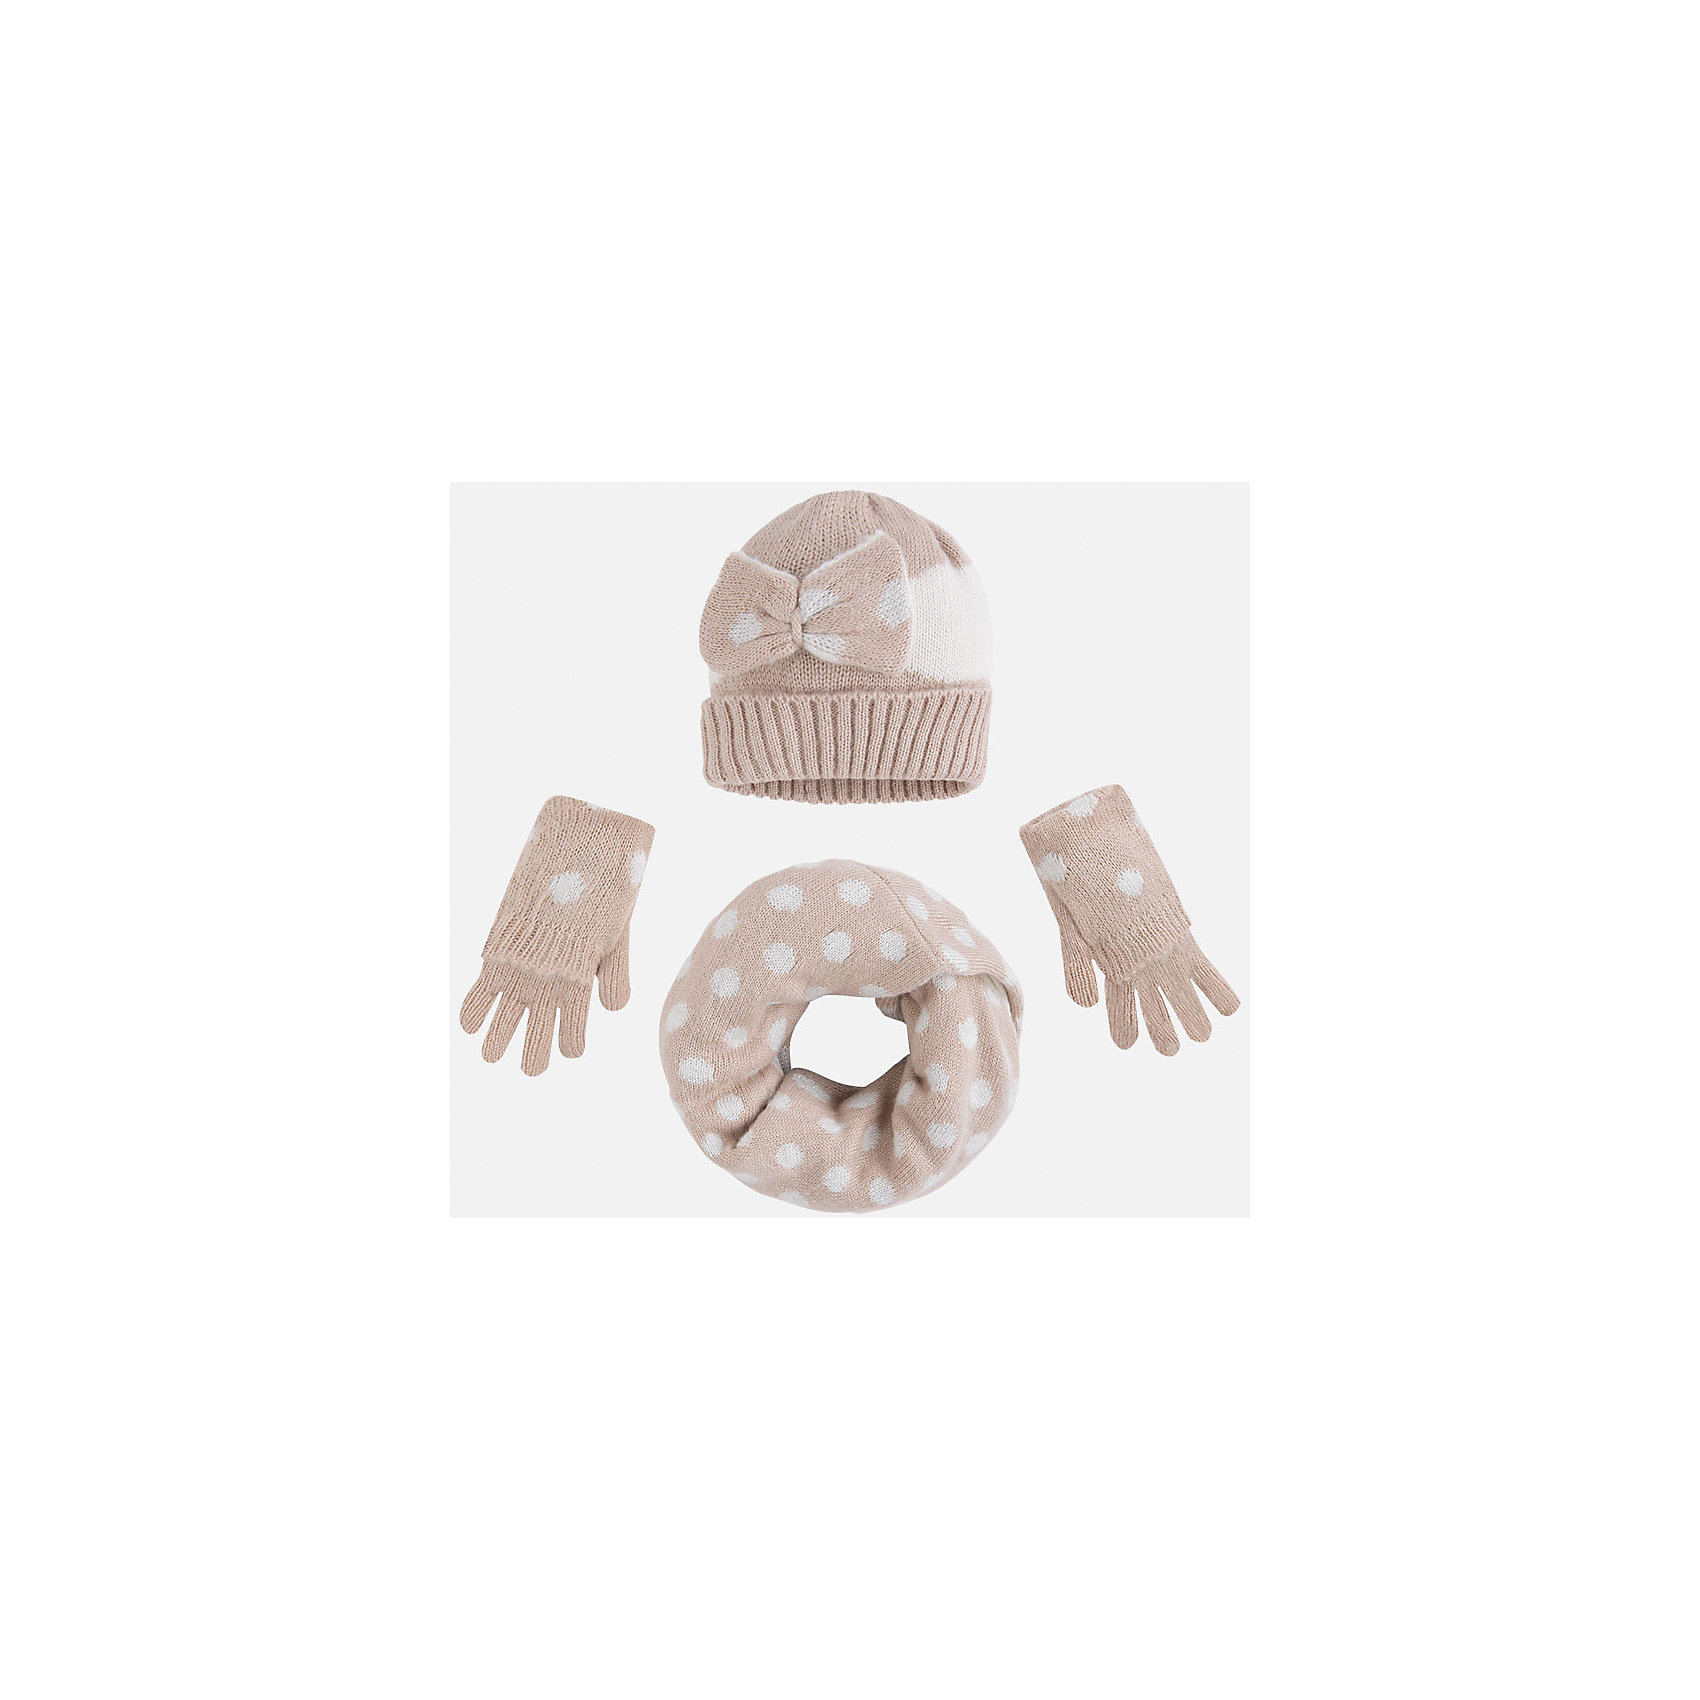 Комплект:шапка, шарф и перчатки для девочки MayoralКомплект из шапки, шарфа и перчаток от популярного испанского бренда Mayoral(Майорал). Изделия изготовлены из качественных гипоаллергенных материалов, приятных на ощупь. Имеют контрастную расцветку, шапка украшена декоративным бантом. Такой комплект поднимет настроение и сделает прогулки максимально комфортными!<br><br>Дополнительная информация:<br>Состав. Шапка: 100% акрил. Шарф: 96% акрил, 4% металлическое волокно(подкладка 100% акрил). Перчатки: 97% акрил, 3% металлическое волокно<br>Цвет: бежевый/белый<br>Комплект из шапки, шарфа и перчаток Mayoral(Майорал) вы можете приобрести в нашем интернет-магазине.<br><br>Ширина мм: 89<br>Глубина мм: 117<br>Высота мм: 44<br>Вес г: 155<br>Цвет: бежевый<br>Возраст от месяцев: 24<br>Возраст до месяцев: 48<br>Пол: Женский<br>Возраст: Детский<br>Размер: 48-50,54-56,52-54<br>SKU: 4847782